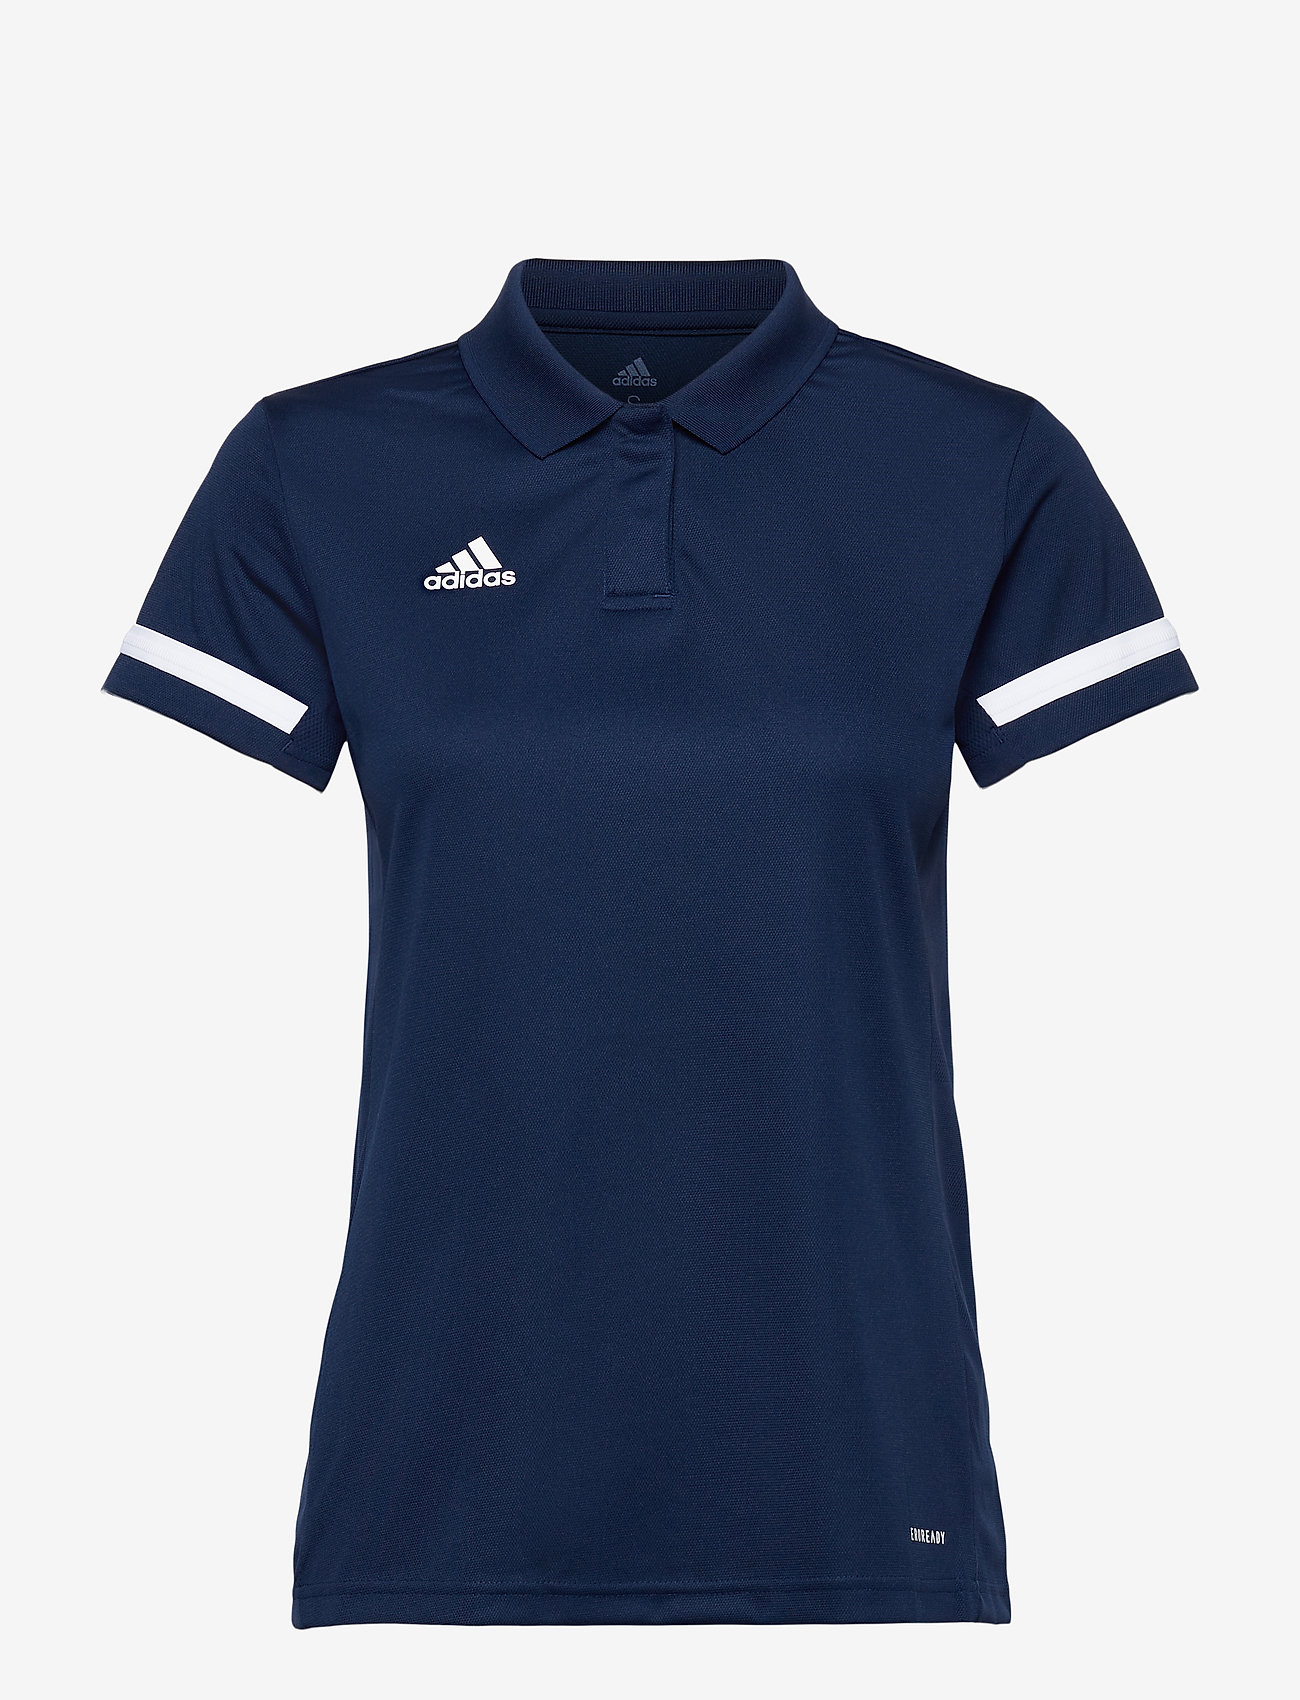 adidas Performance - Team 19 Polo Shirt W - voetbalshirts - navblu/white - 0